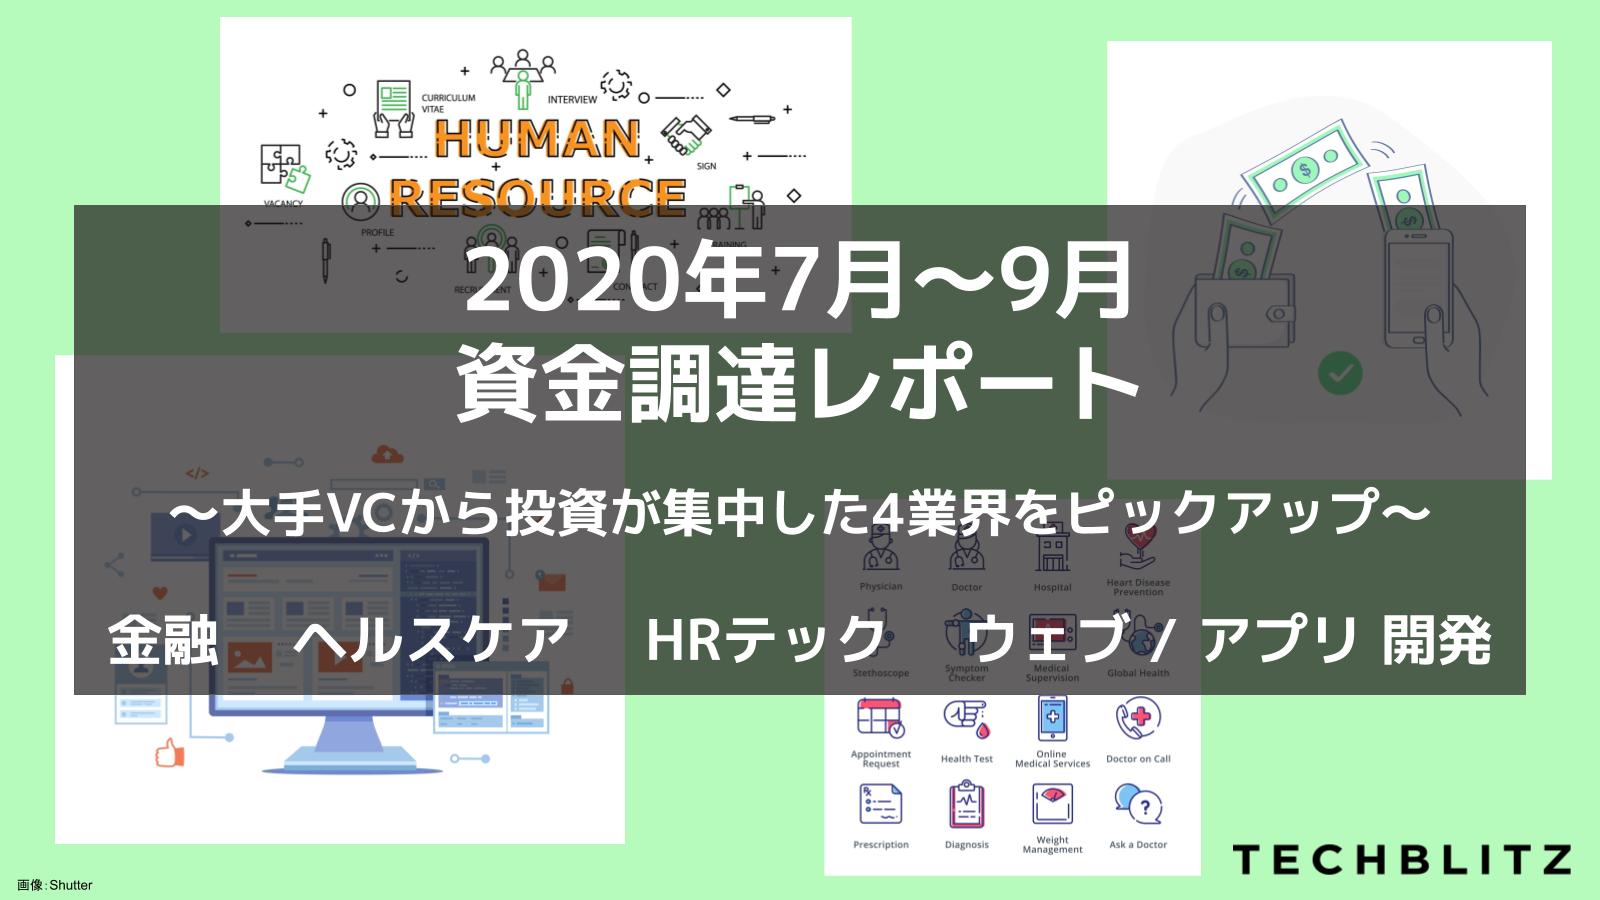 ヘルスケア、HRテックの調達件数が増加 2020年7〜9月資金調達スタートアップ77社【無料レポート】